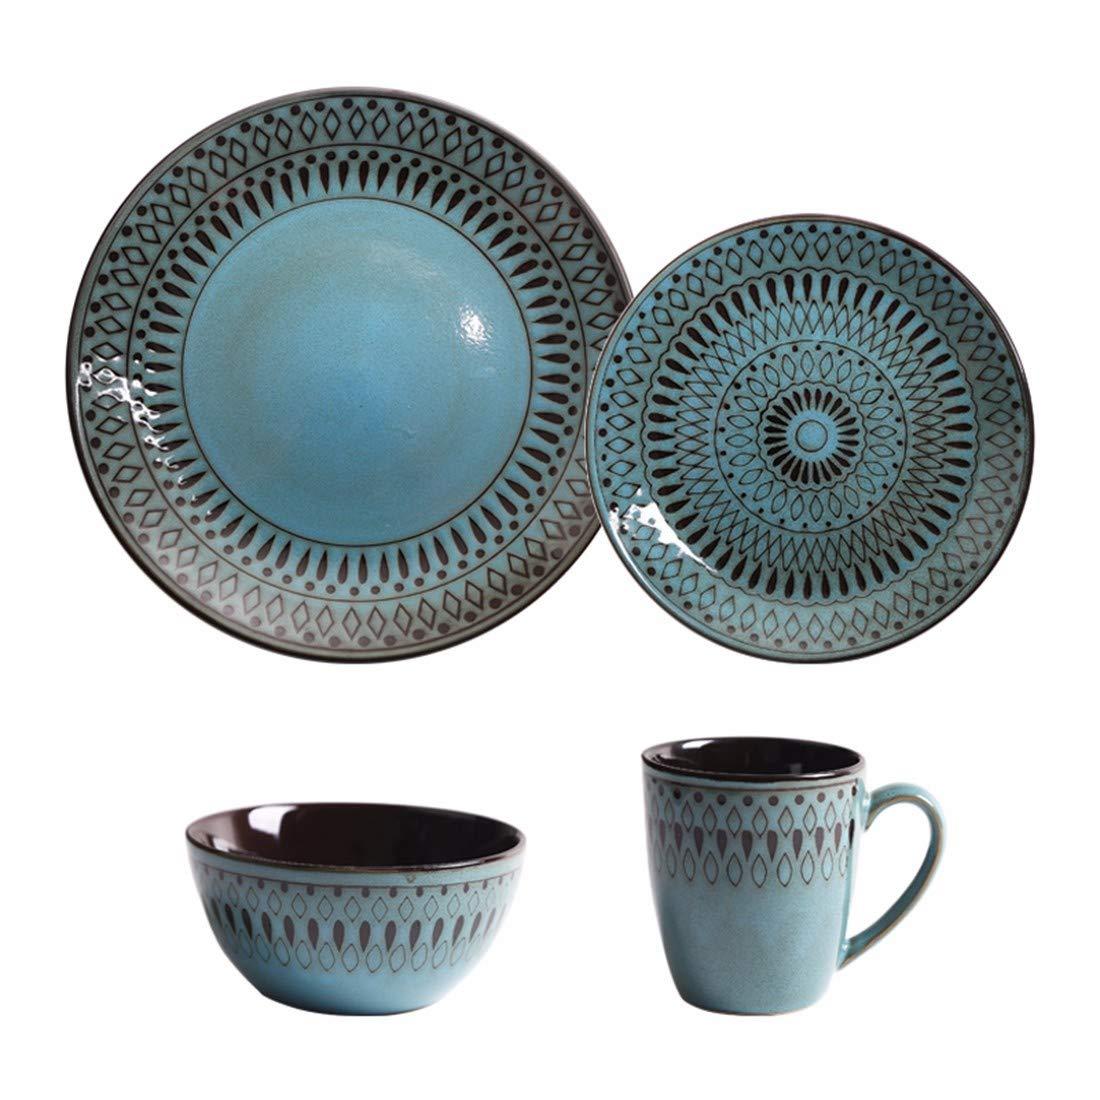 QPGGP-Teller Die Europäischen Und Amerikanischen Keramik - Schale, Teller, Becher, Teller, Teller, Antiquitäten, Beefsteak, Schüssel, Westlichen Platte, Wasser - Glas,E